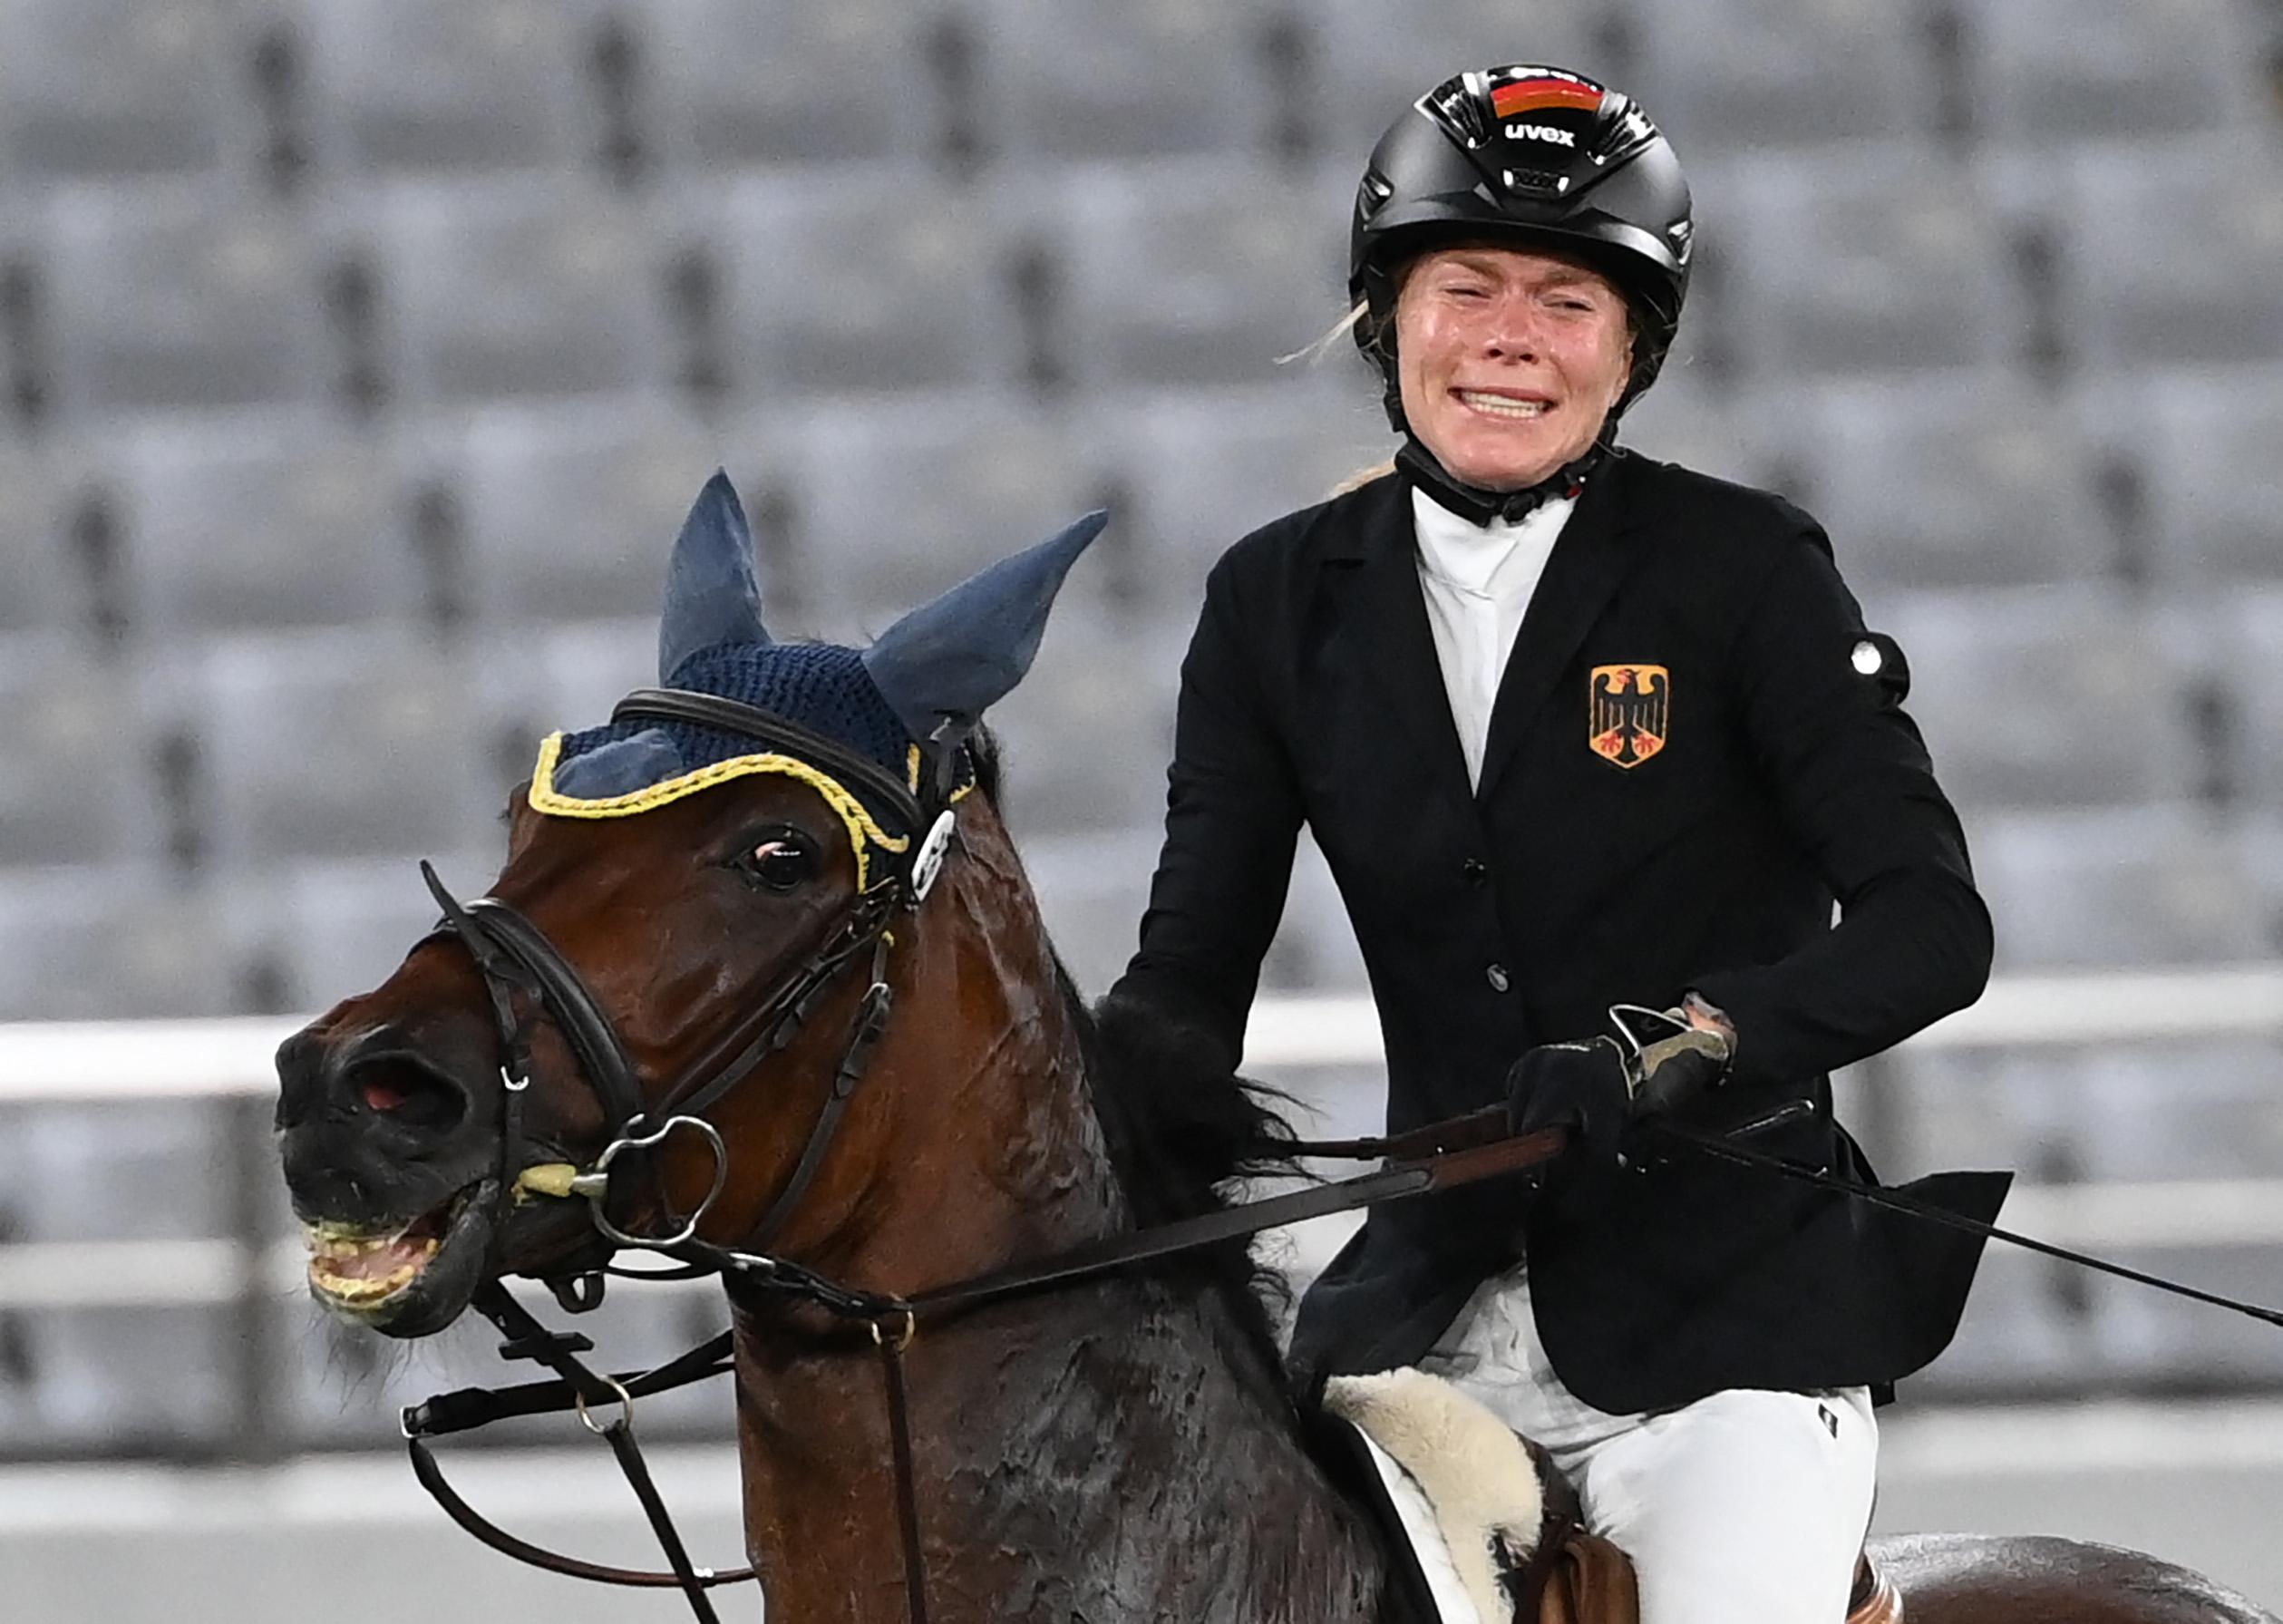 Állatvédelmi képzésre küldték a német edzőt, aki beleboxolt a lóba, amin éppen az aranyéremre esélyes Annika Schleu sírt